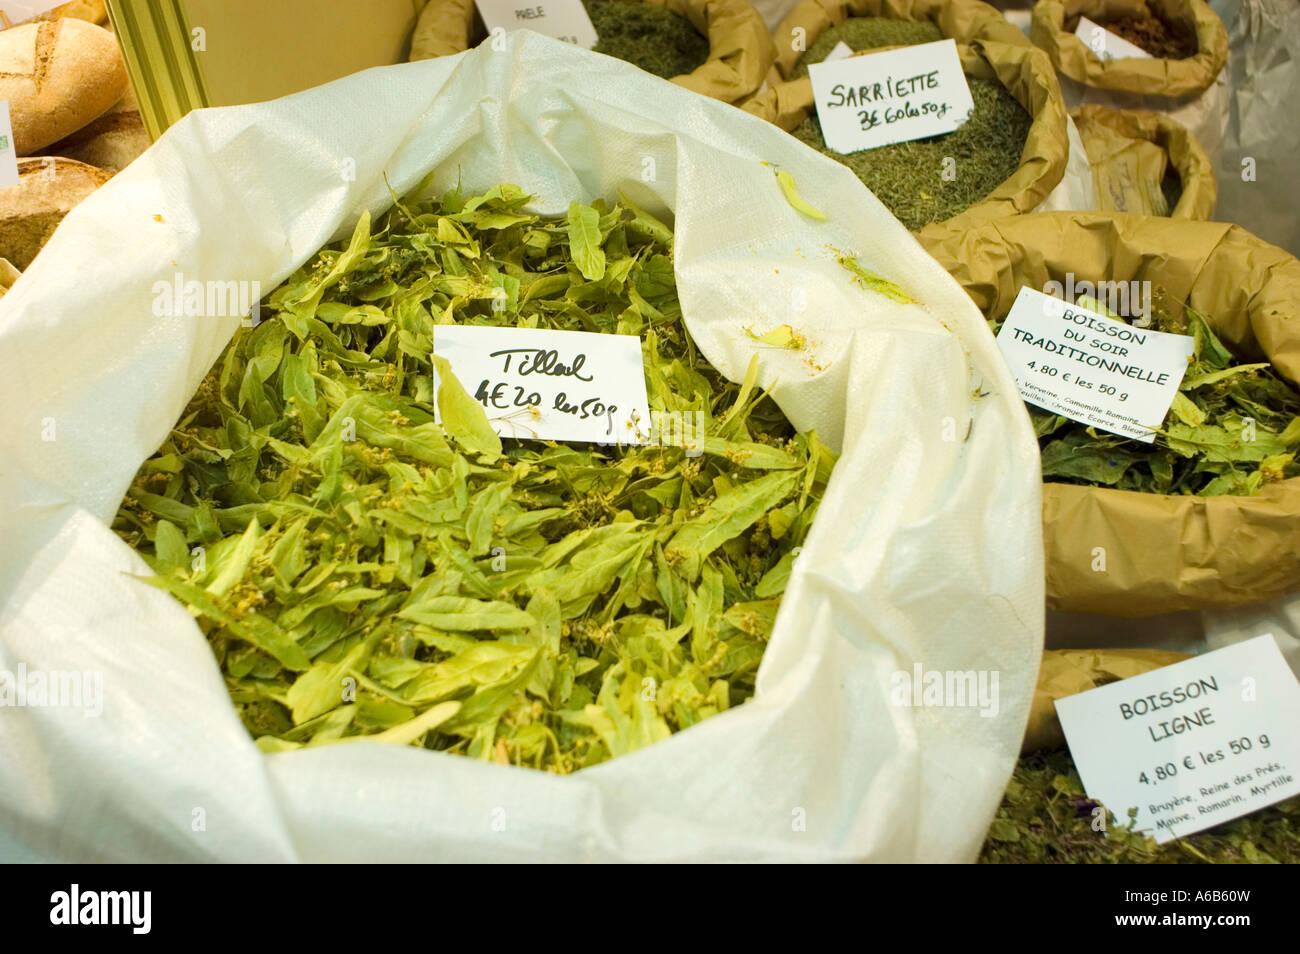 Bulk organic tea - Medicinal Herbs Organic Tea For Sale In Bulk Bin Items Paris Organic Foods Expo Tilleul Detail Leaves Detail